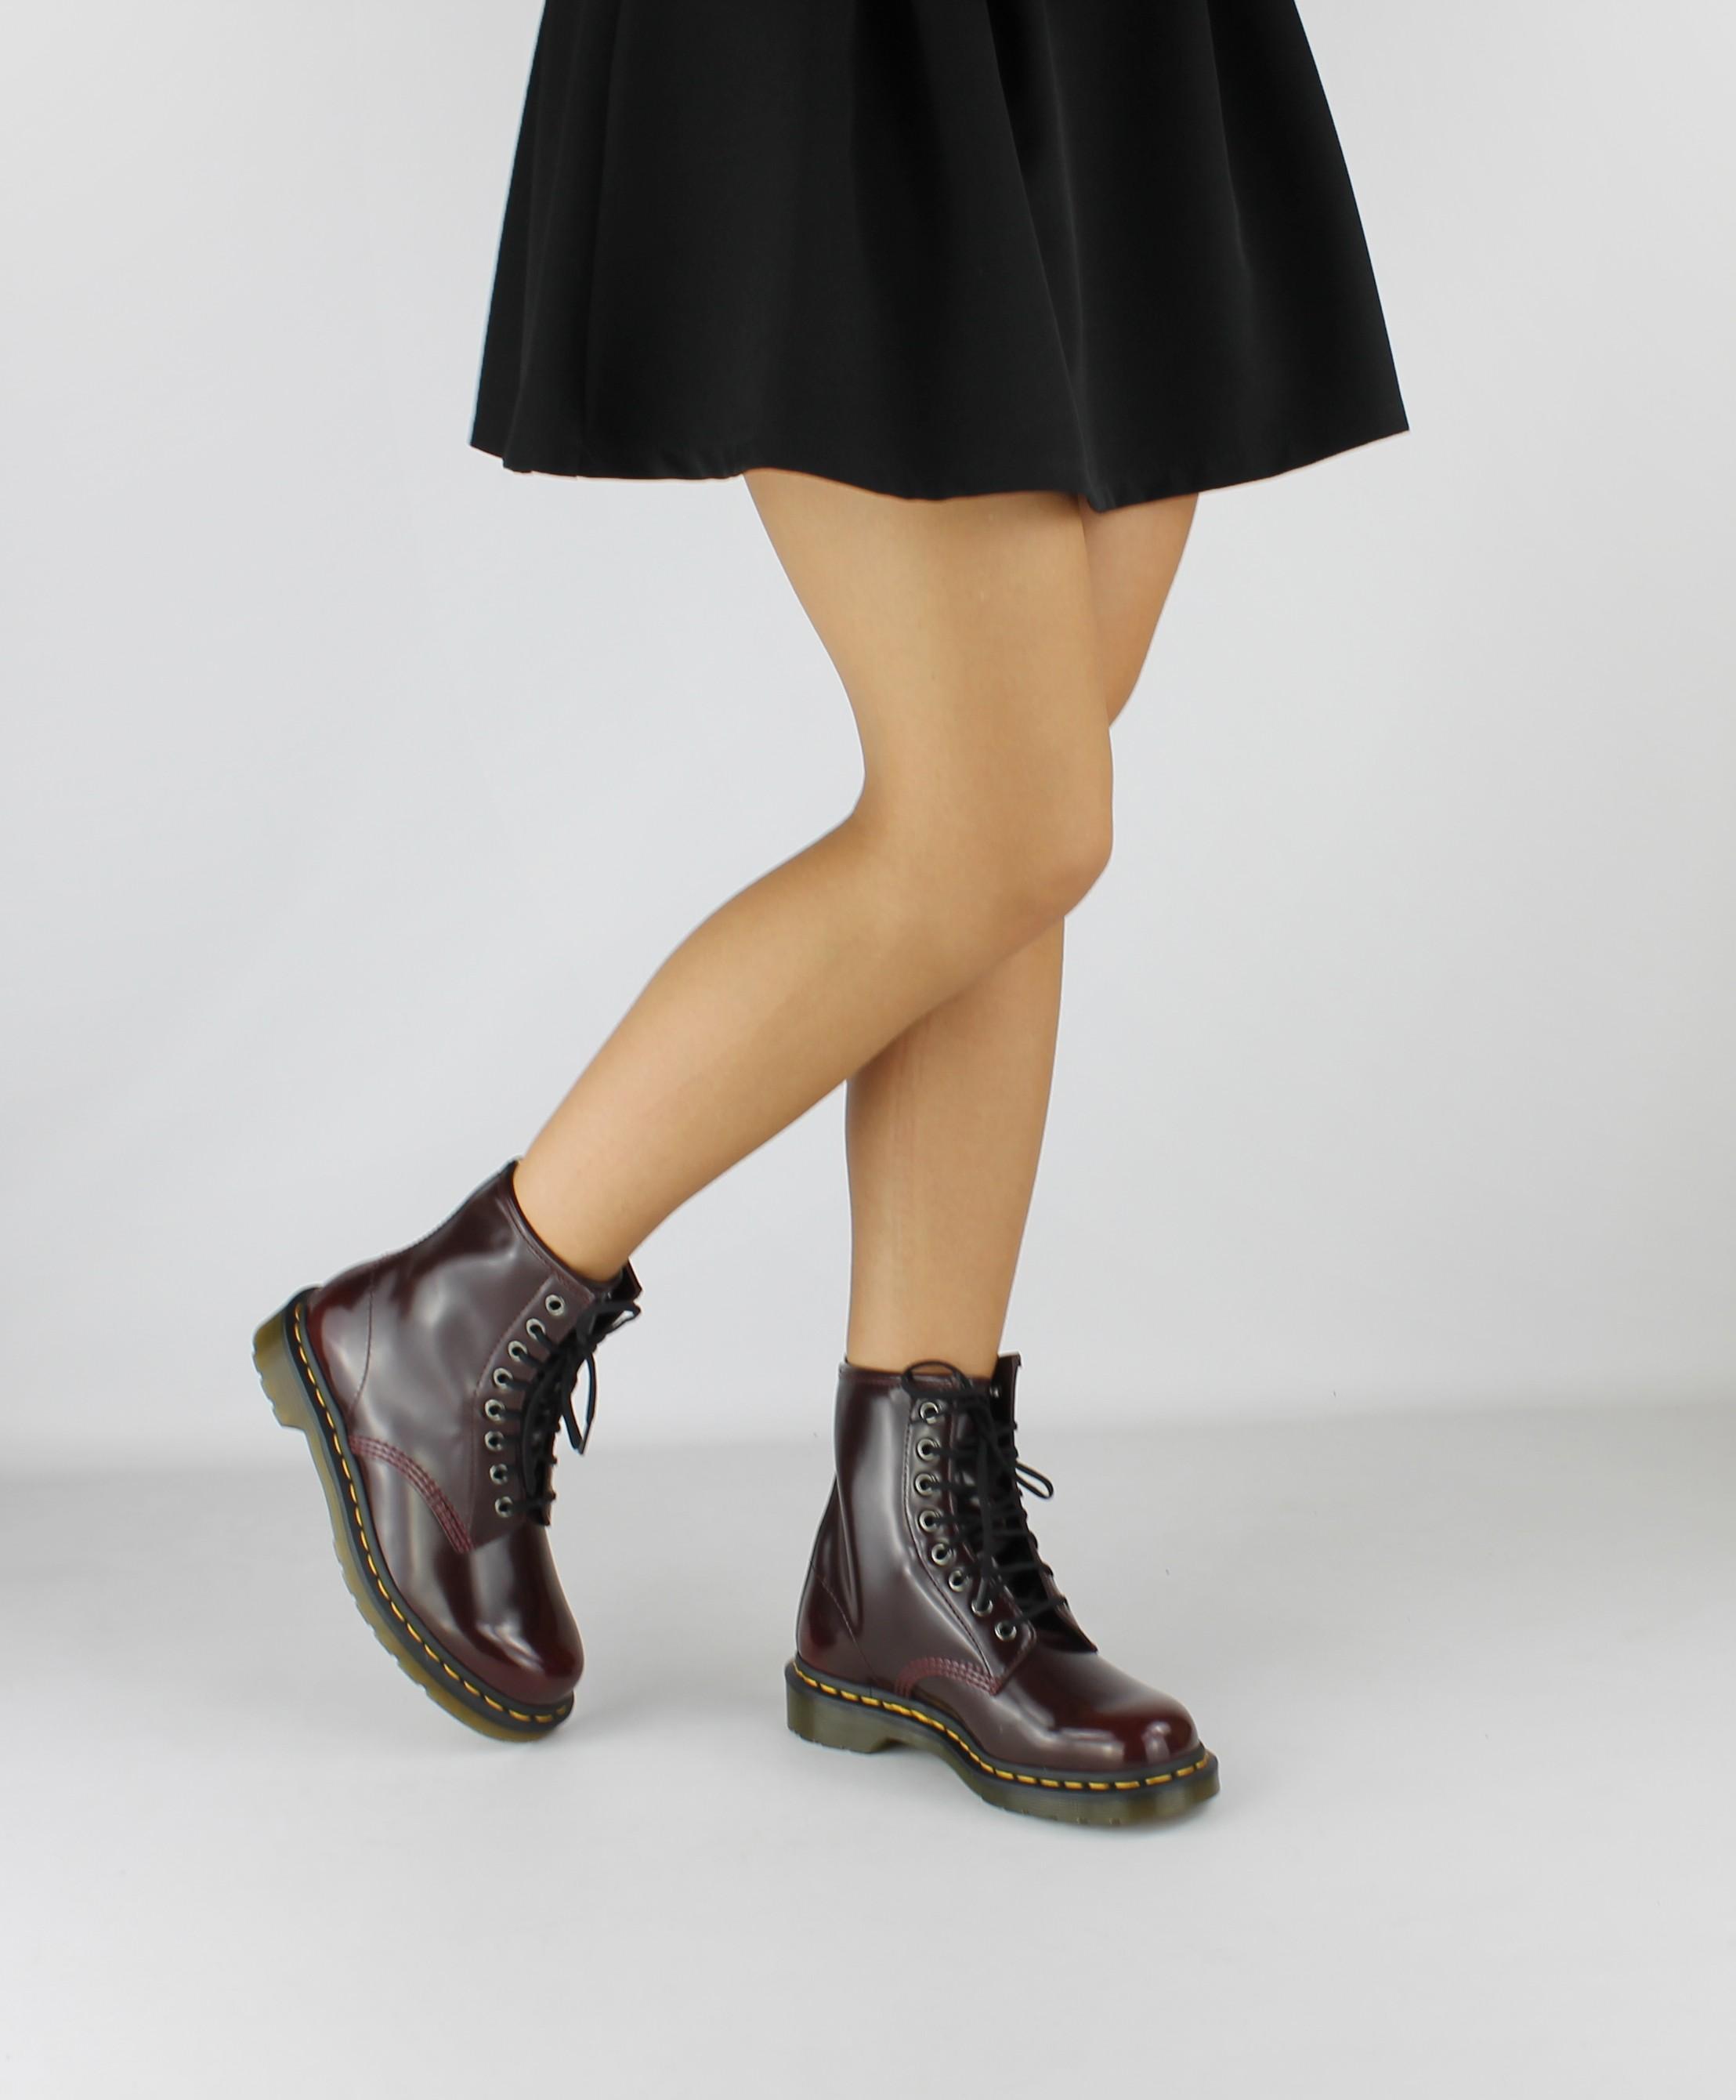 dr martens cherry 8 buchi anfibio donna indossato